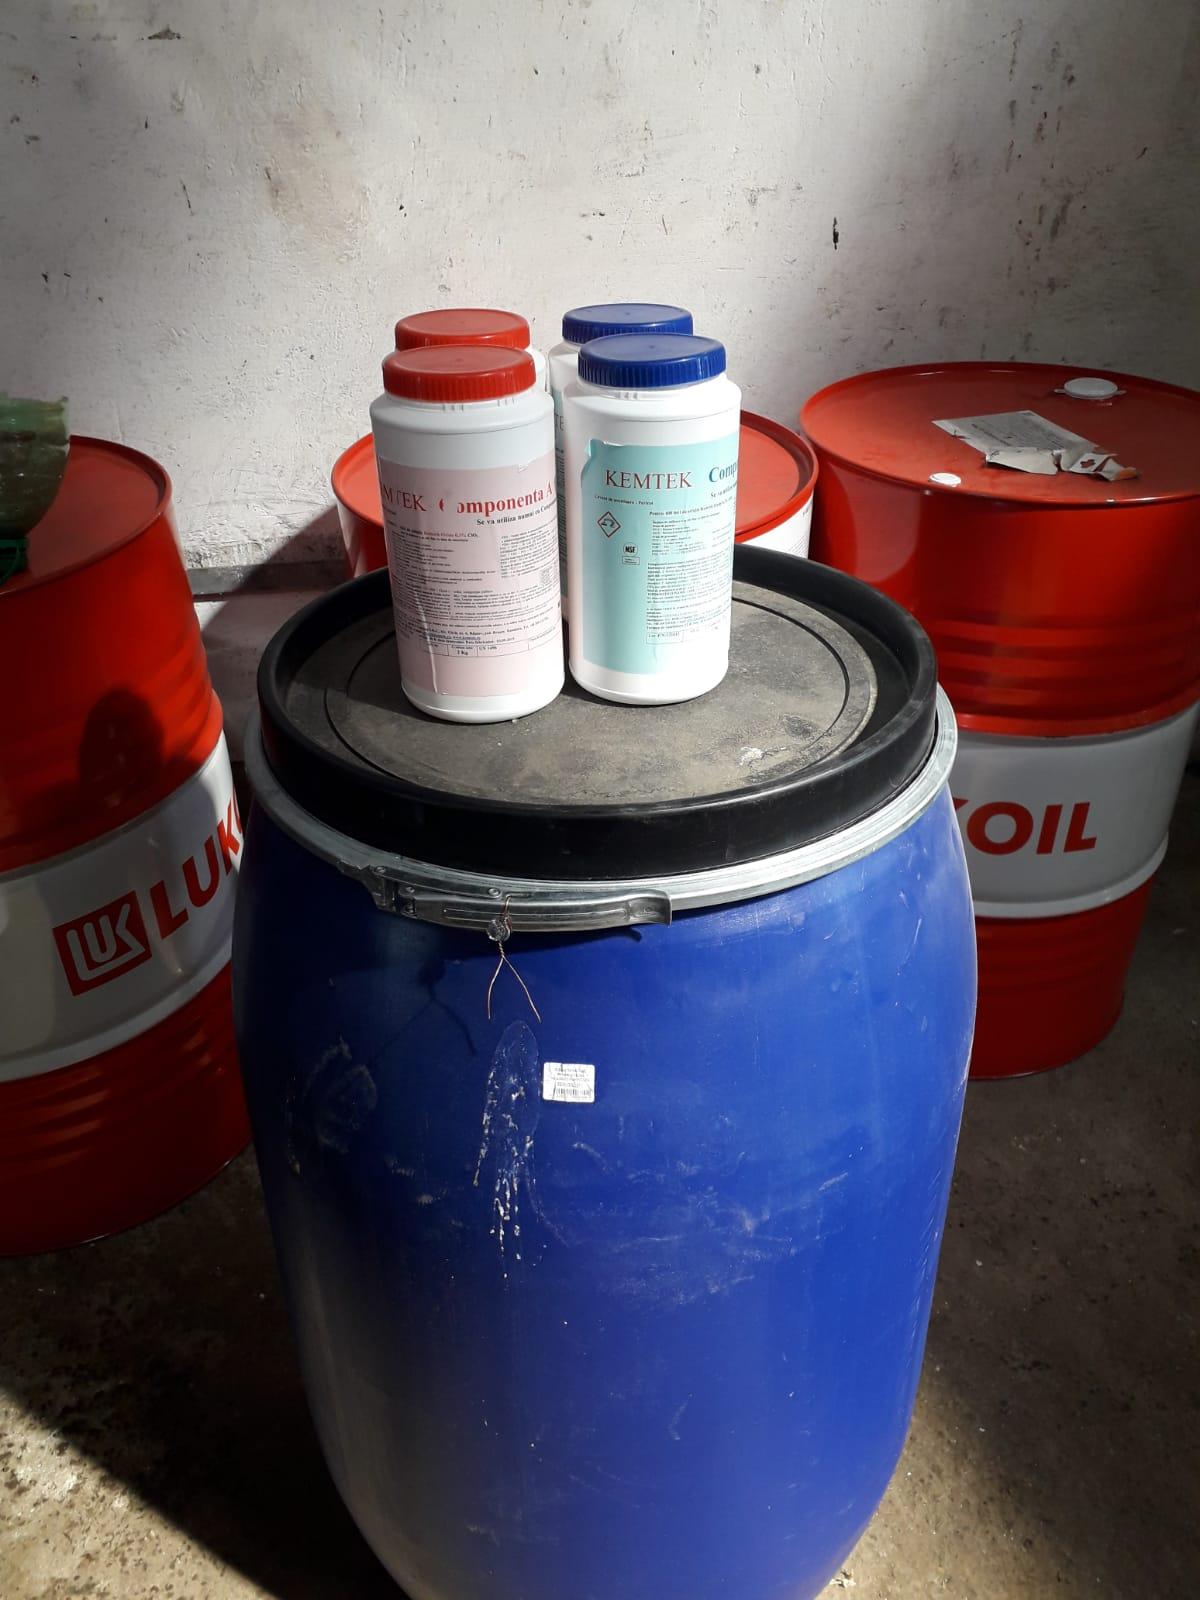 URBAN SERV :  Informații  despre substanțele care sunt folosite în dezinfecția străzilor